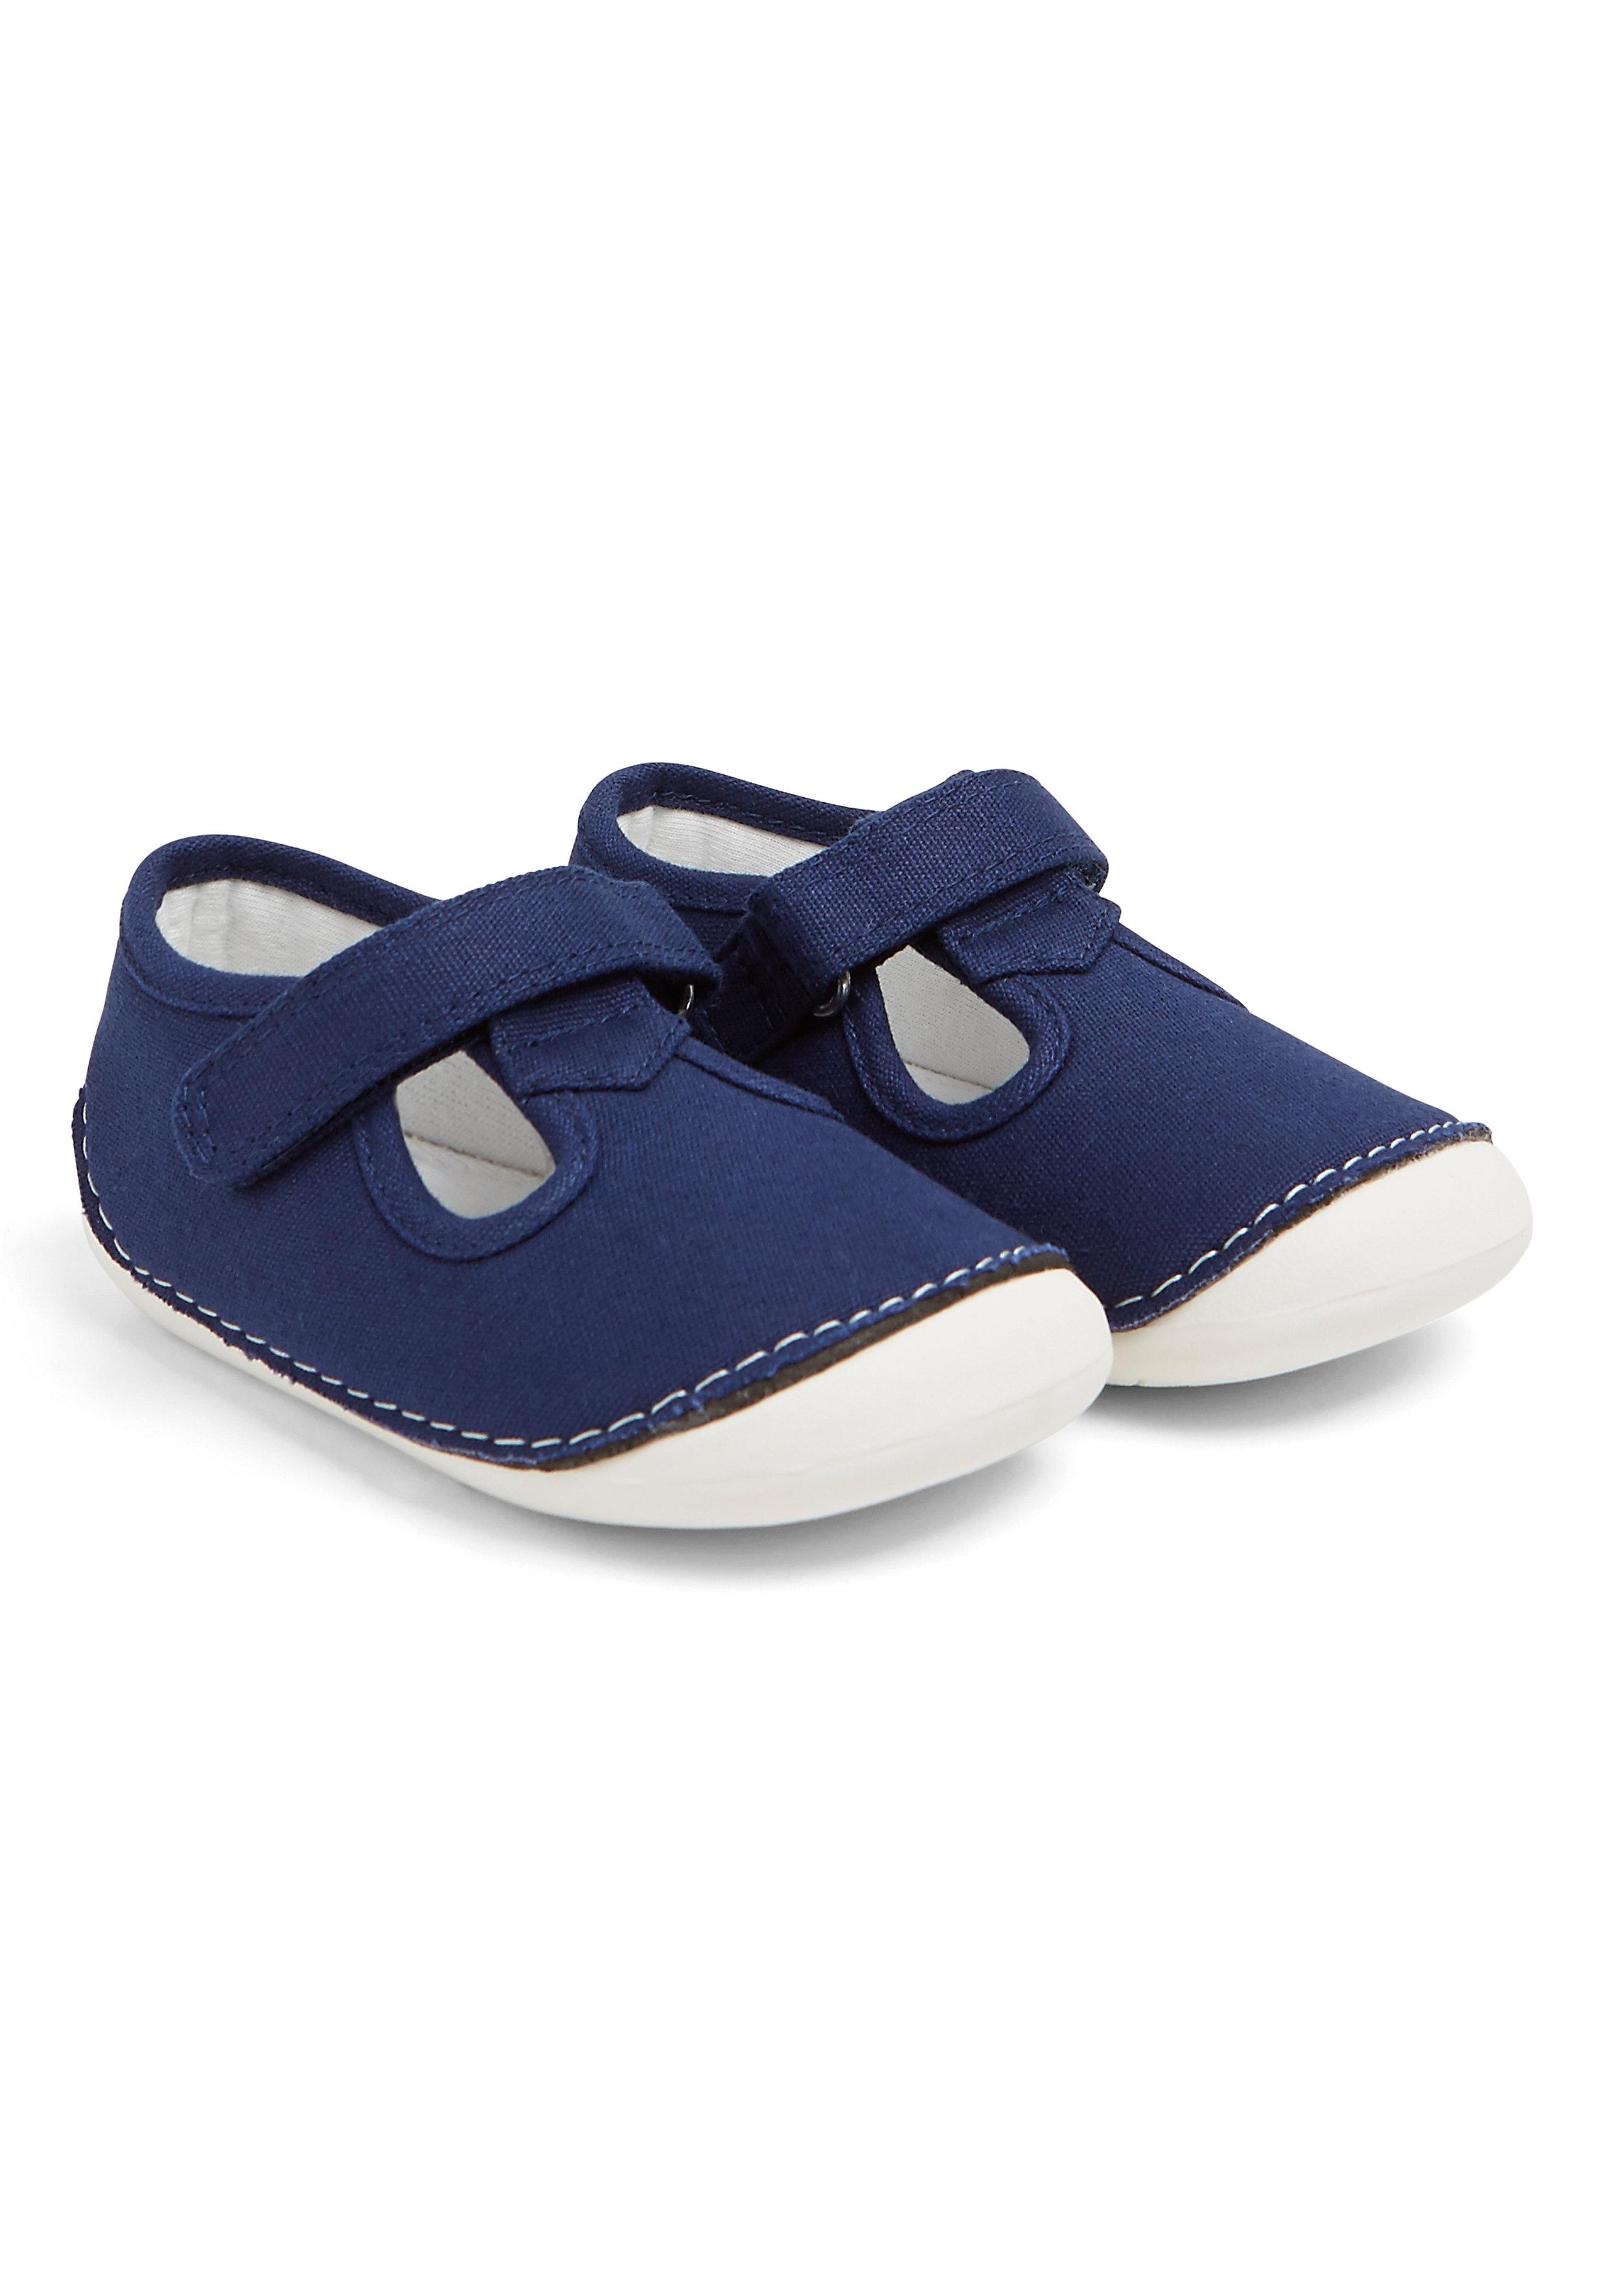 Mothercare   Boys Crawler Shoes - Navy